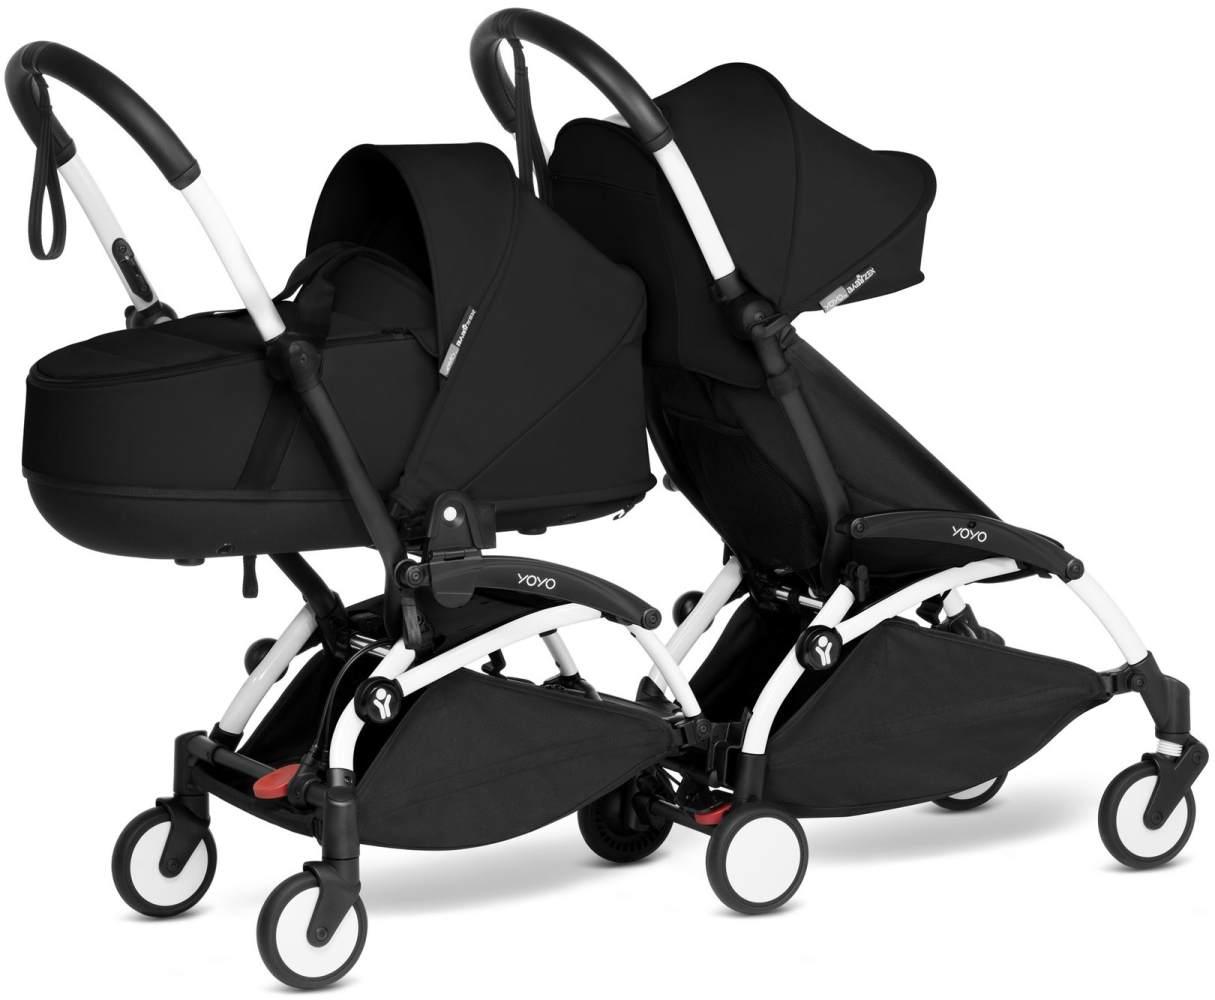 Babyzen YOYO2 weißer Rahmen mit CONNECT komplett für 1 Neugeborenes und 1 Kind von 6 Monaten + Farbe schwarz Bild 1